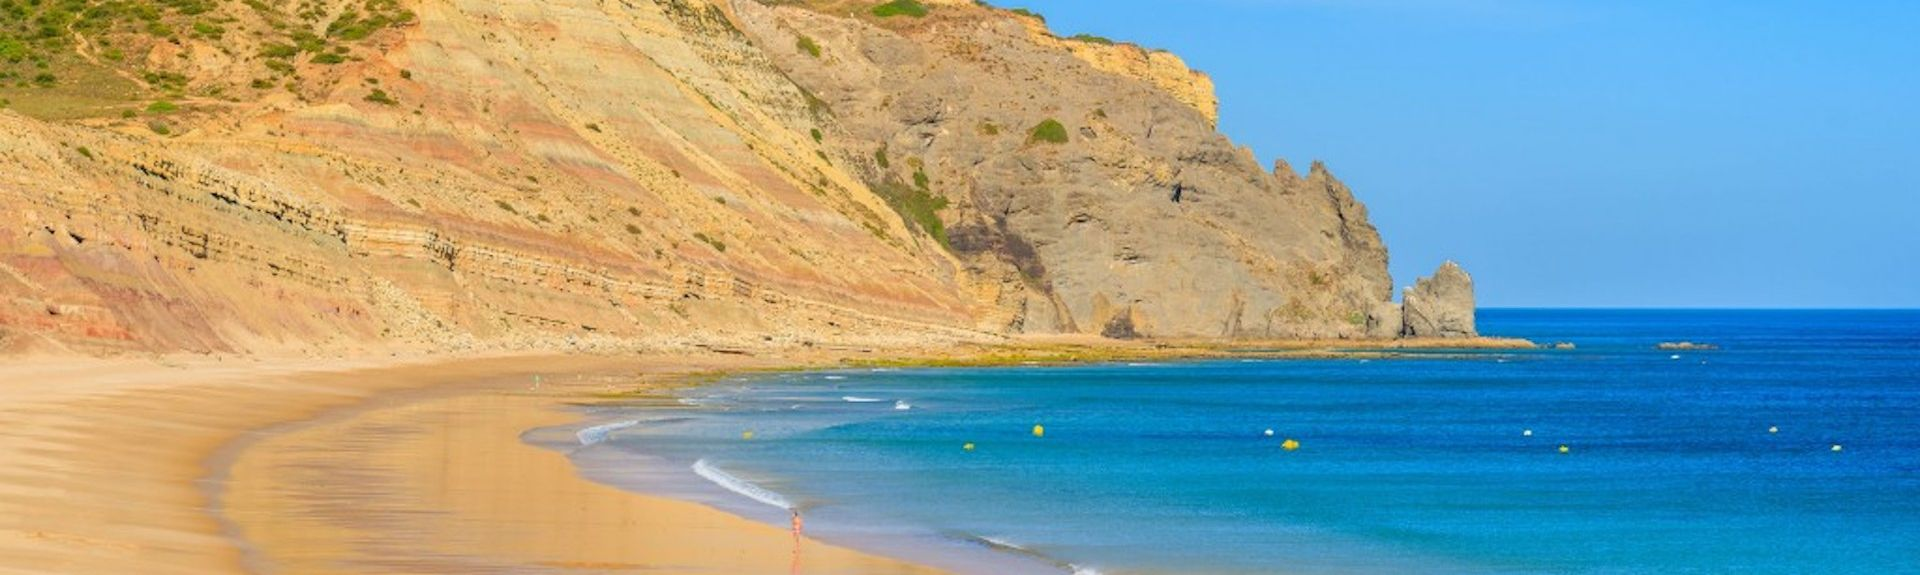 Zebbug, Malta